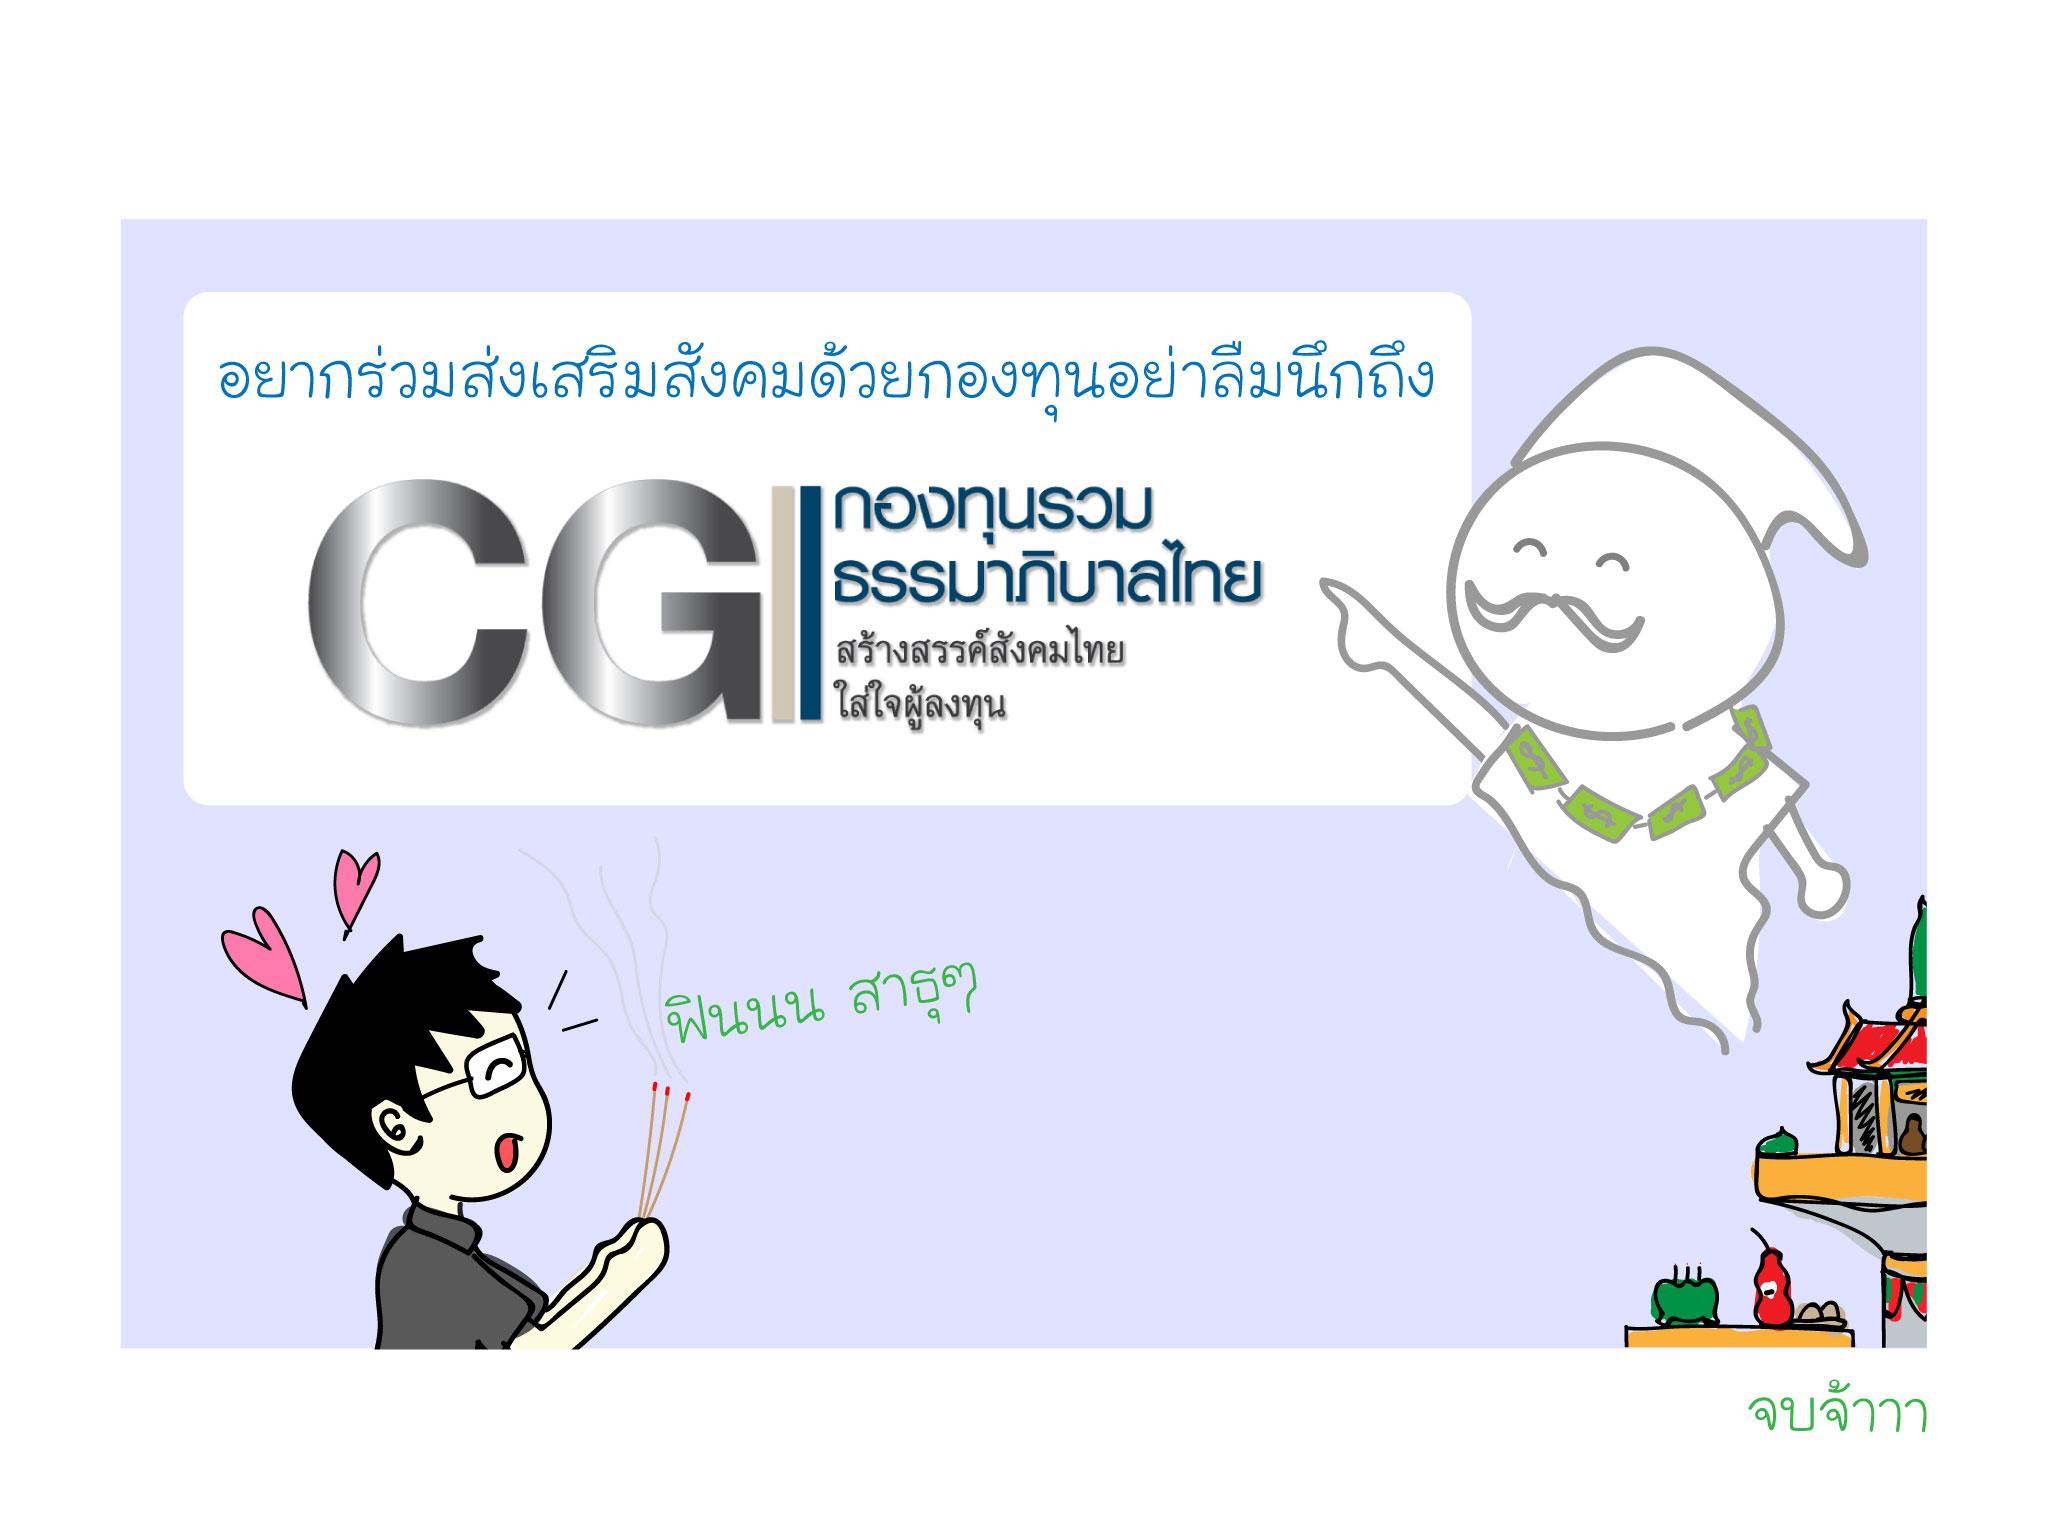 ศาลเจ้าพ่อลงทุน - CG Fund_Artboard 1 copy 9